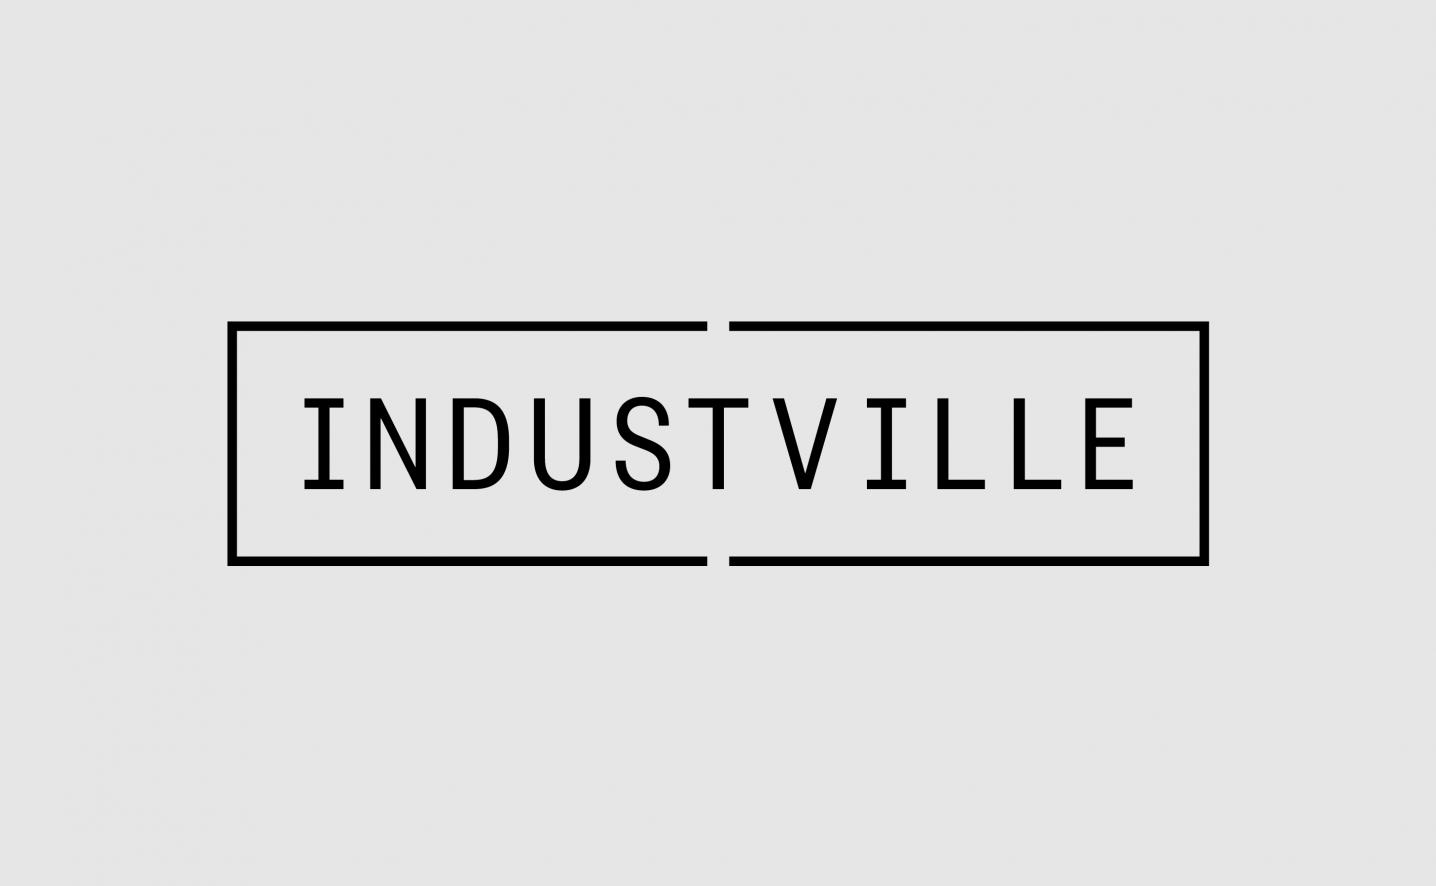 Industville1